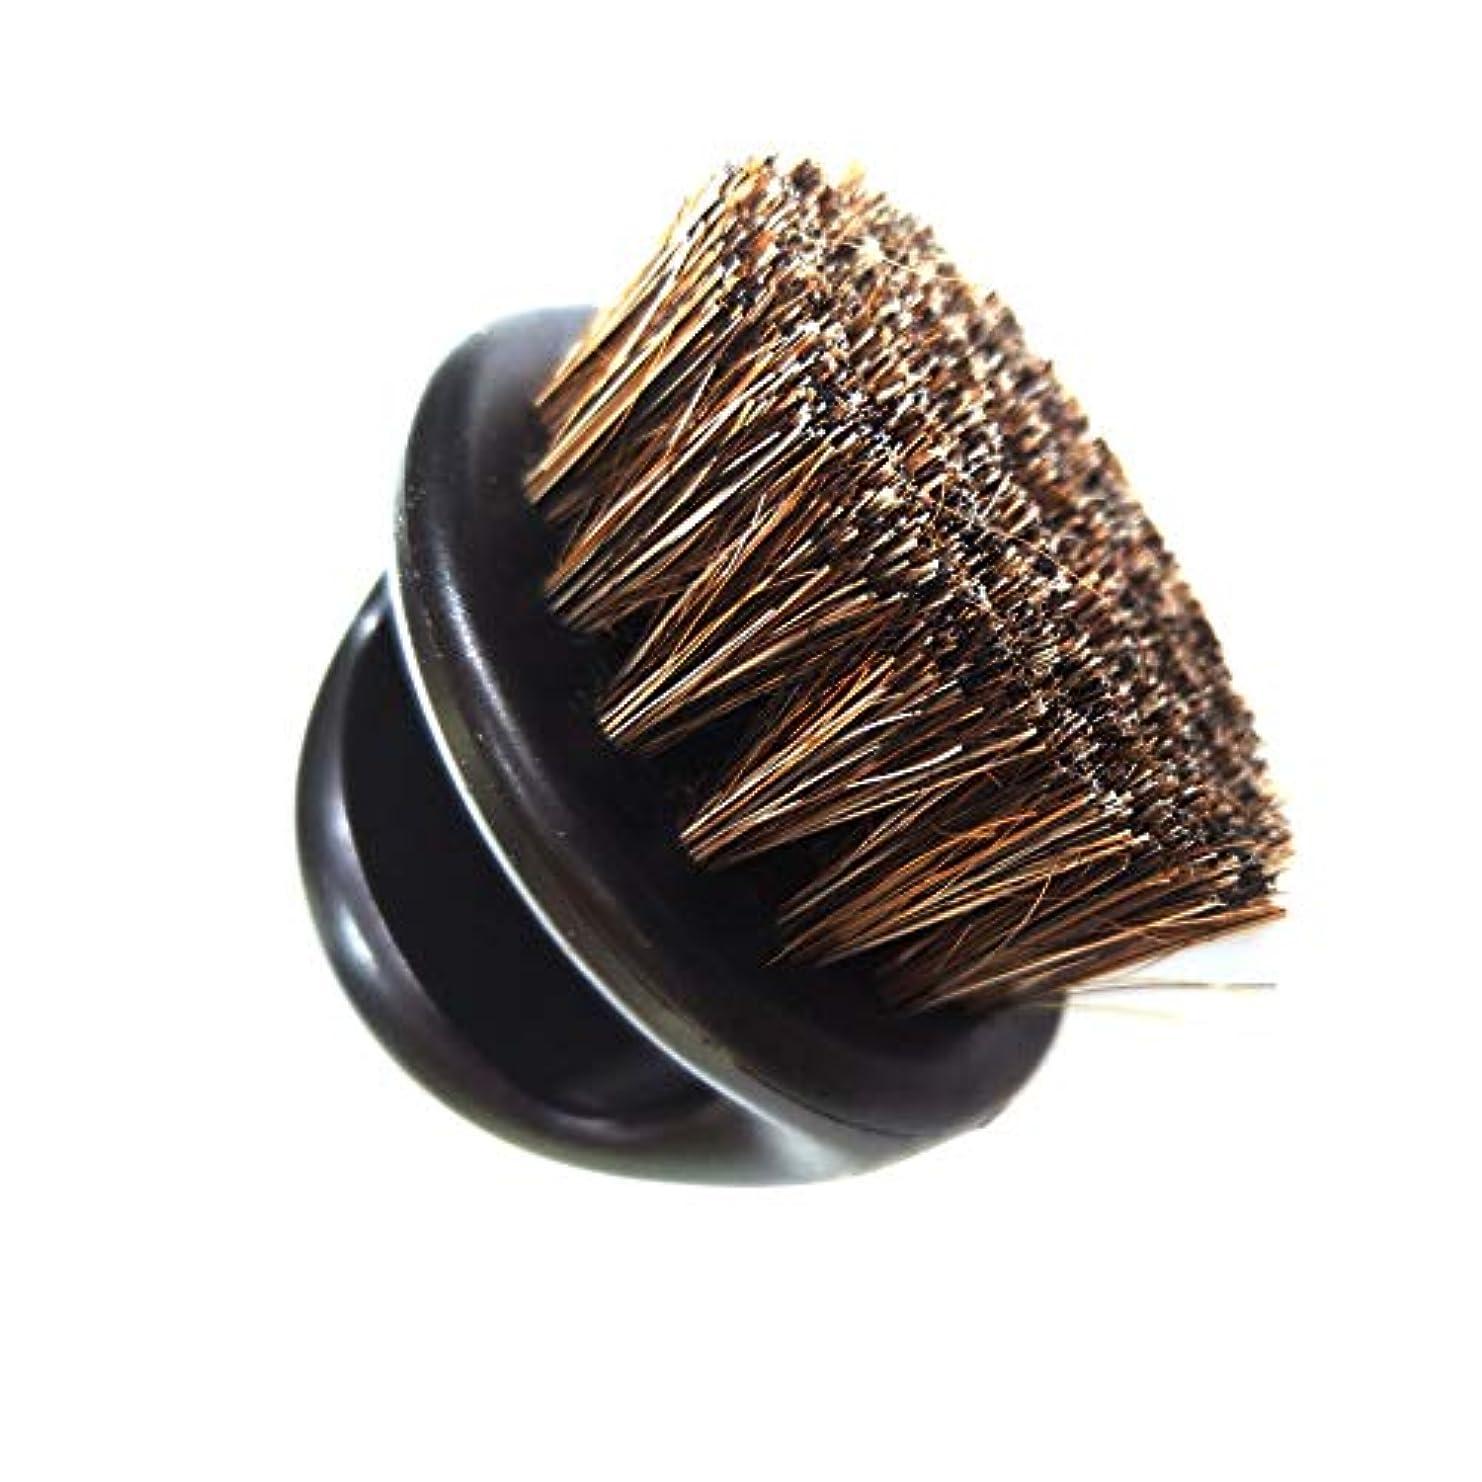 試す有効なゾーンポータブルブラシ口ひげ男性ひげあごひげ口ひげ顔の毛のブラシプラスチック製のハンドルのシェービングブラシは、彼のひげ黒ひげの美容室をとかすする1